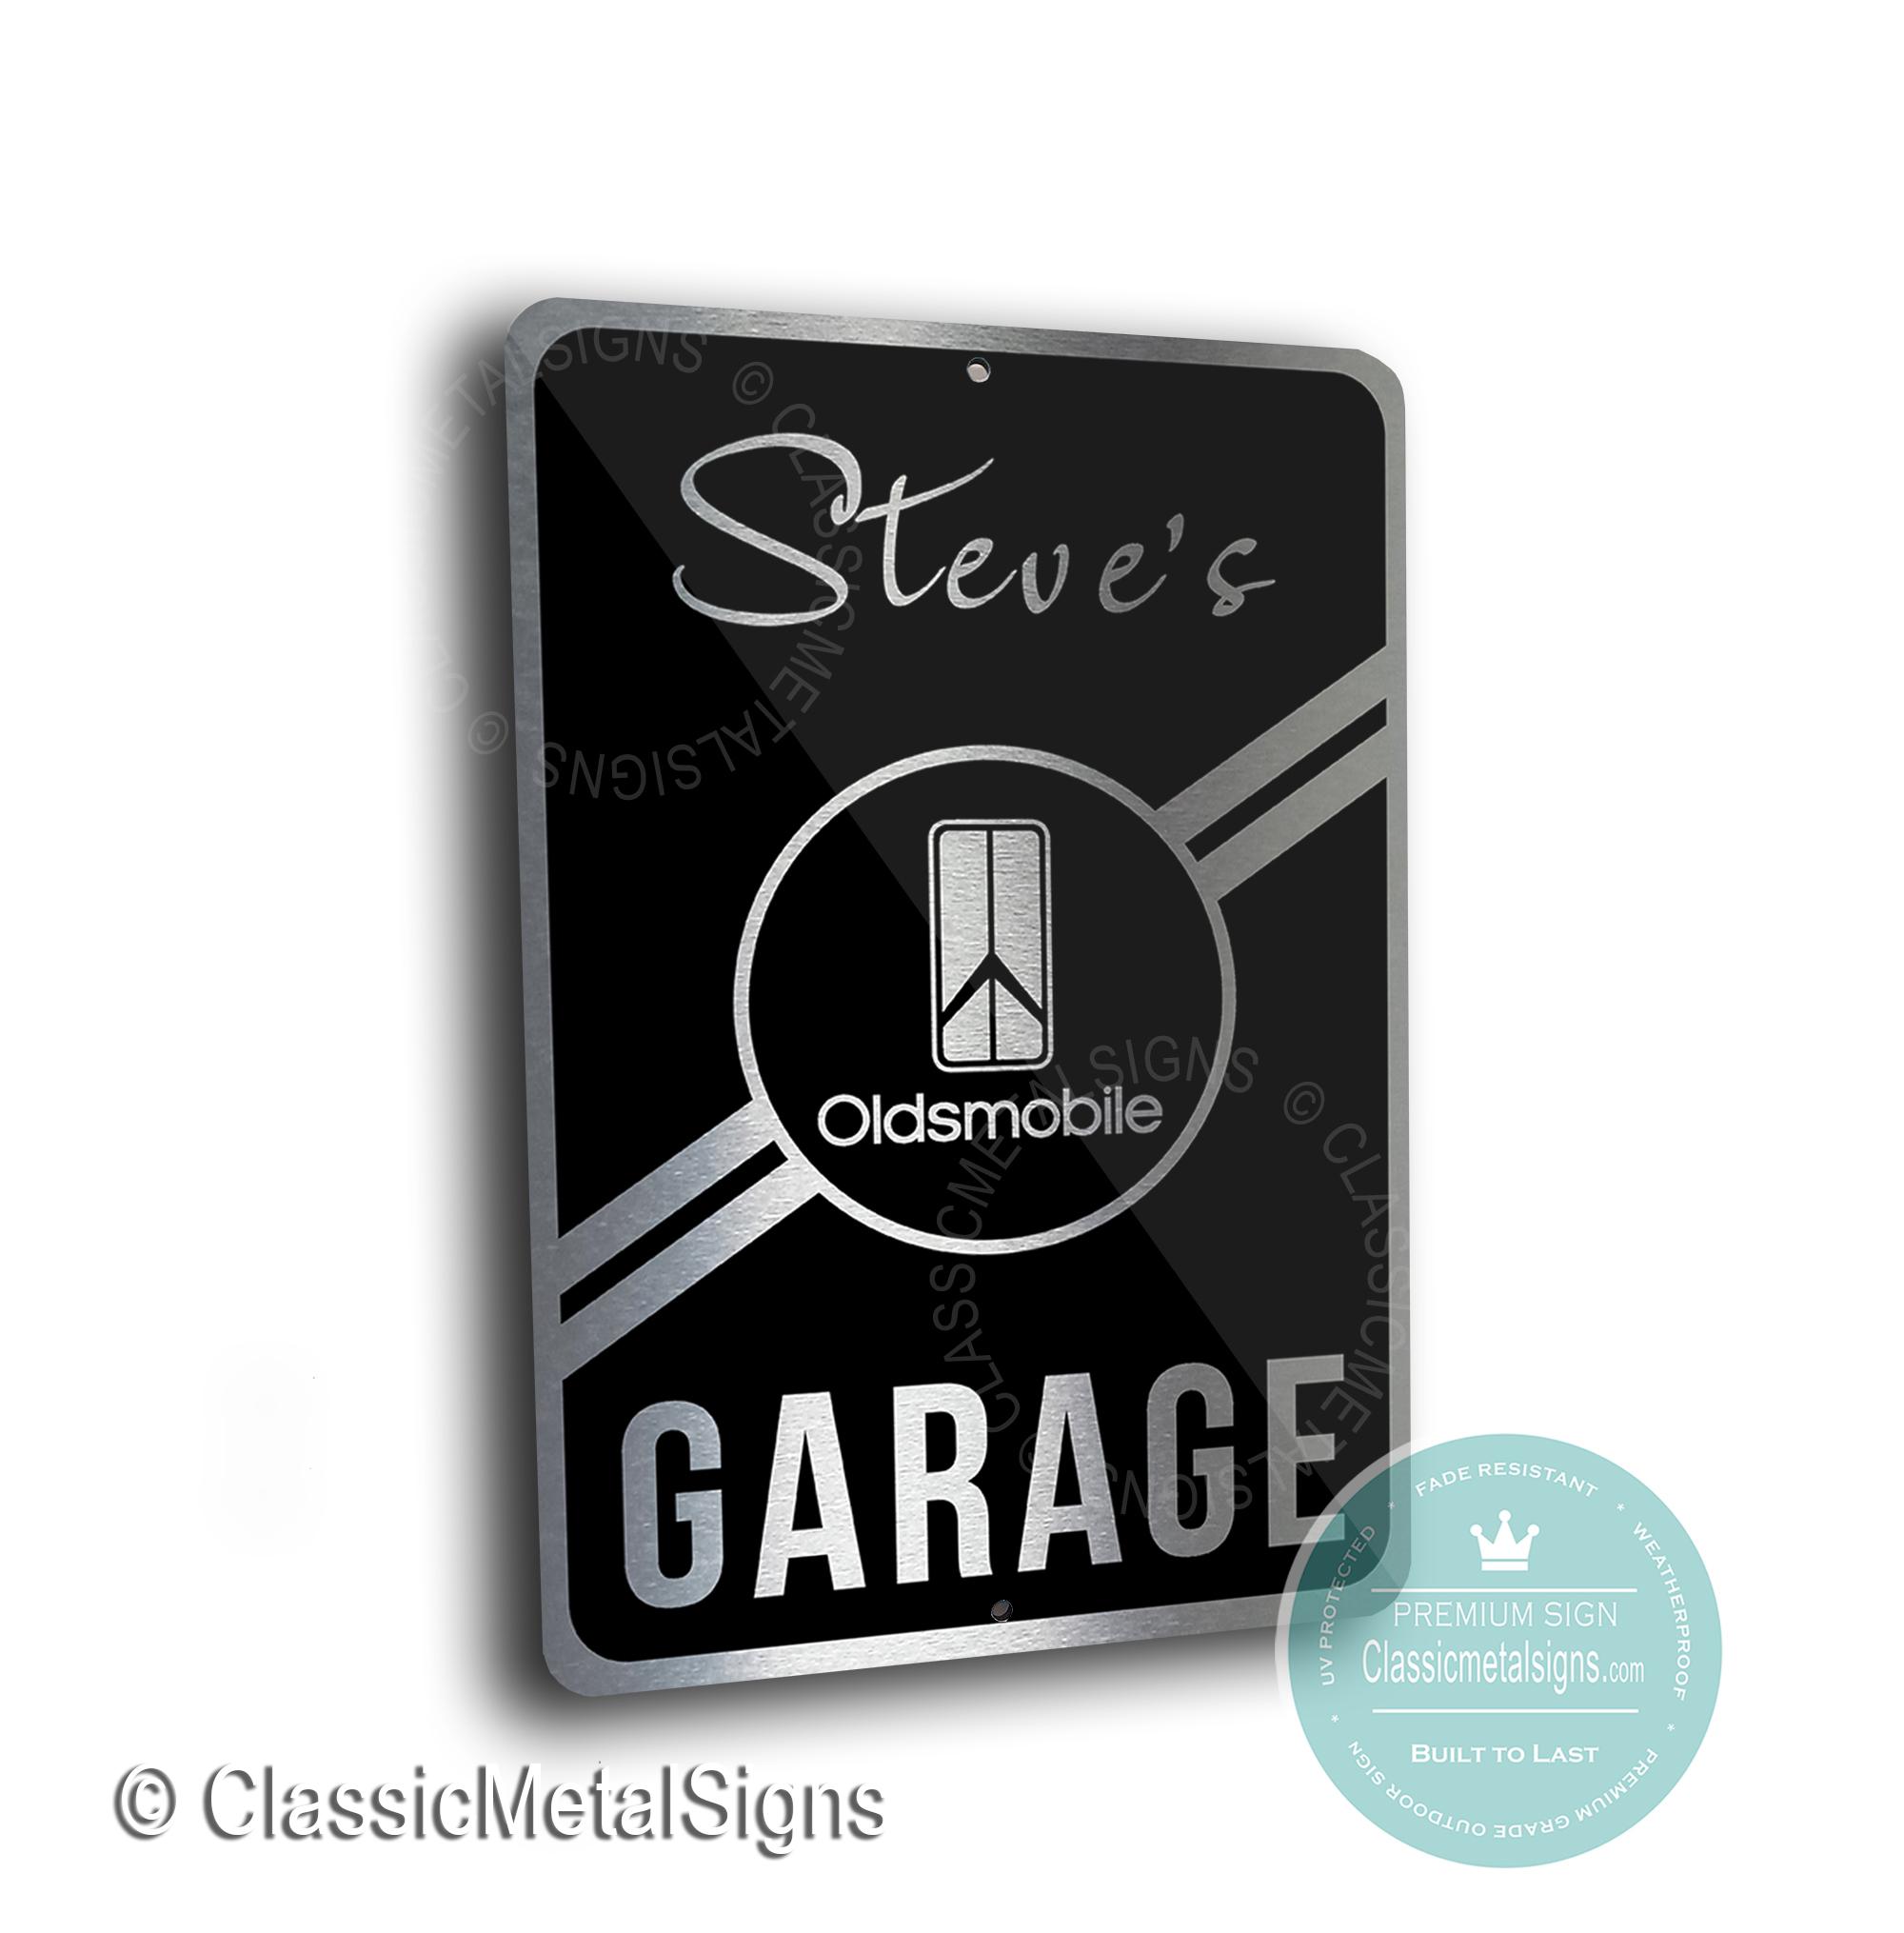 Oldsmobile Garage Signs